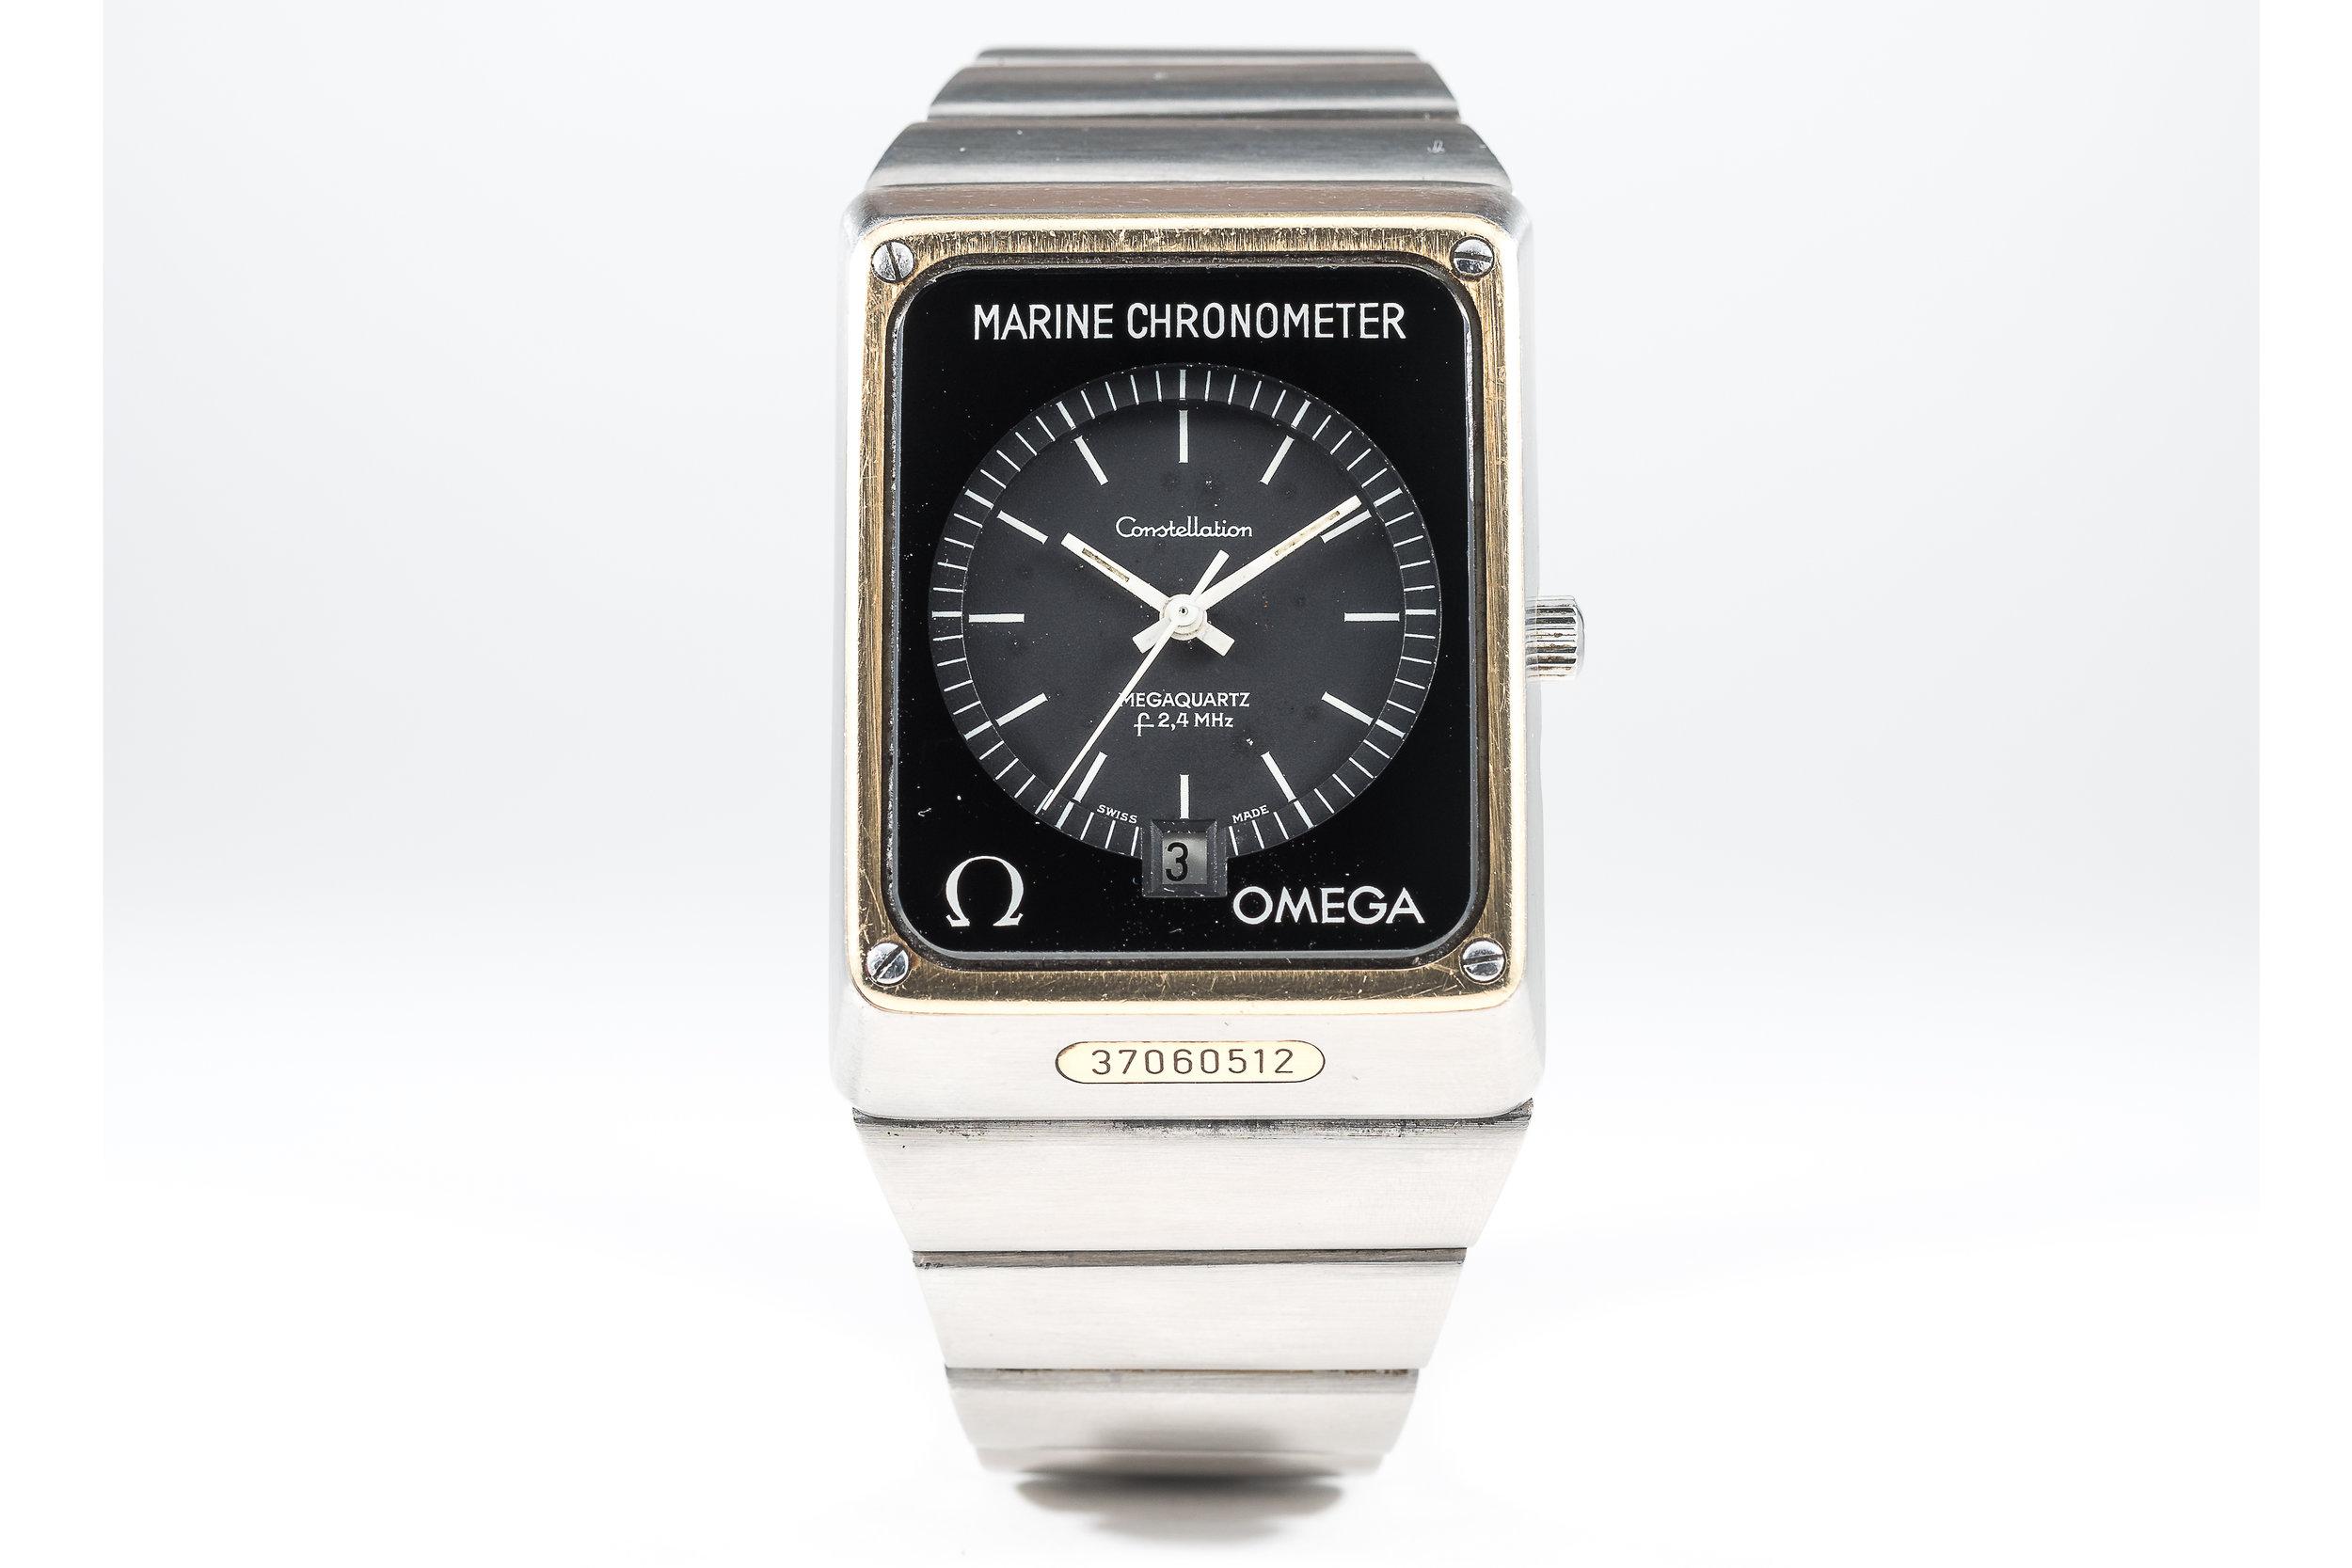 Omega marine chronometer Mega quartz 2400. photo courtesy of watches of knightsbridge.